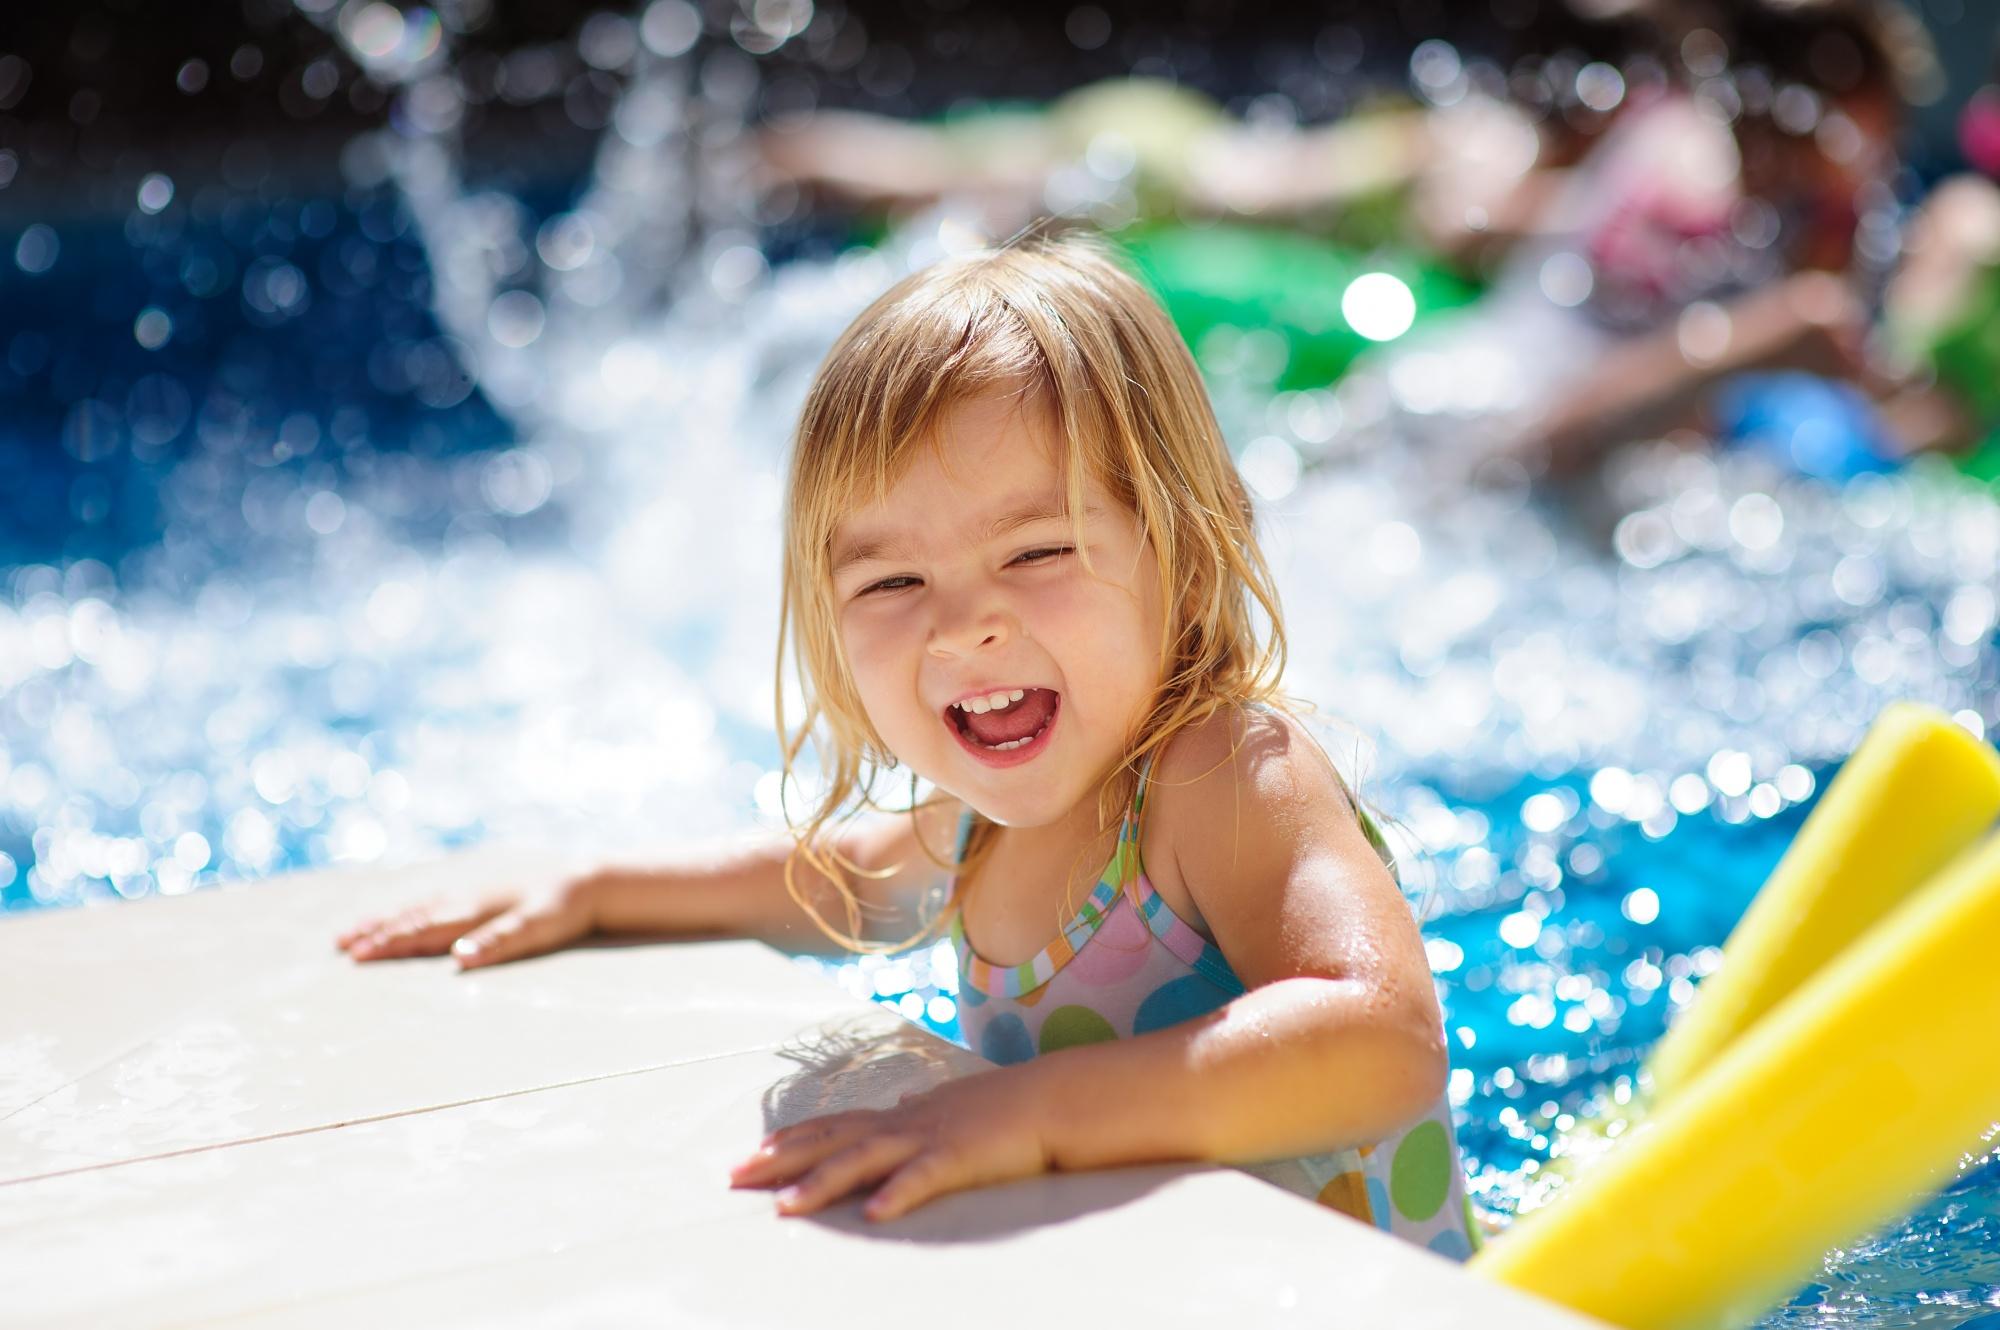 Offerta settembre all inclusive rimini in hotel 3 stelle - Hotel rivazzurra con piscina ...